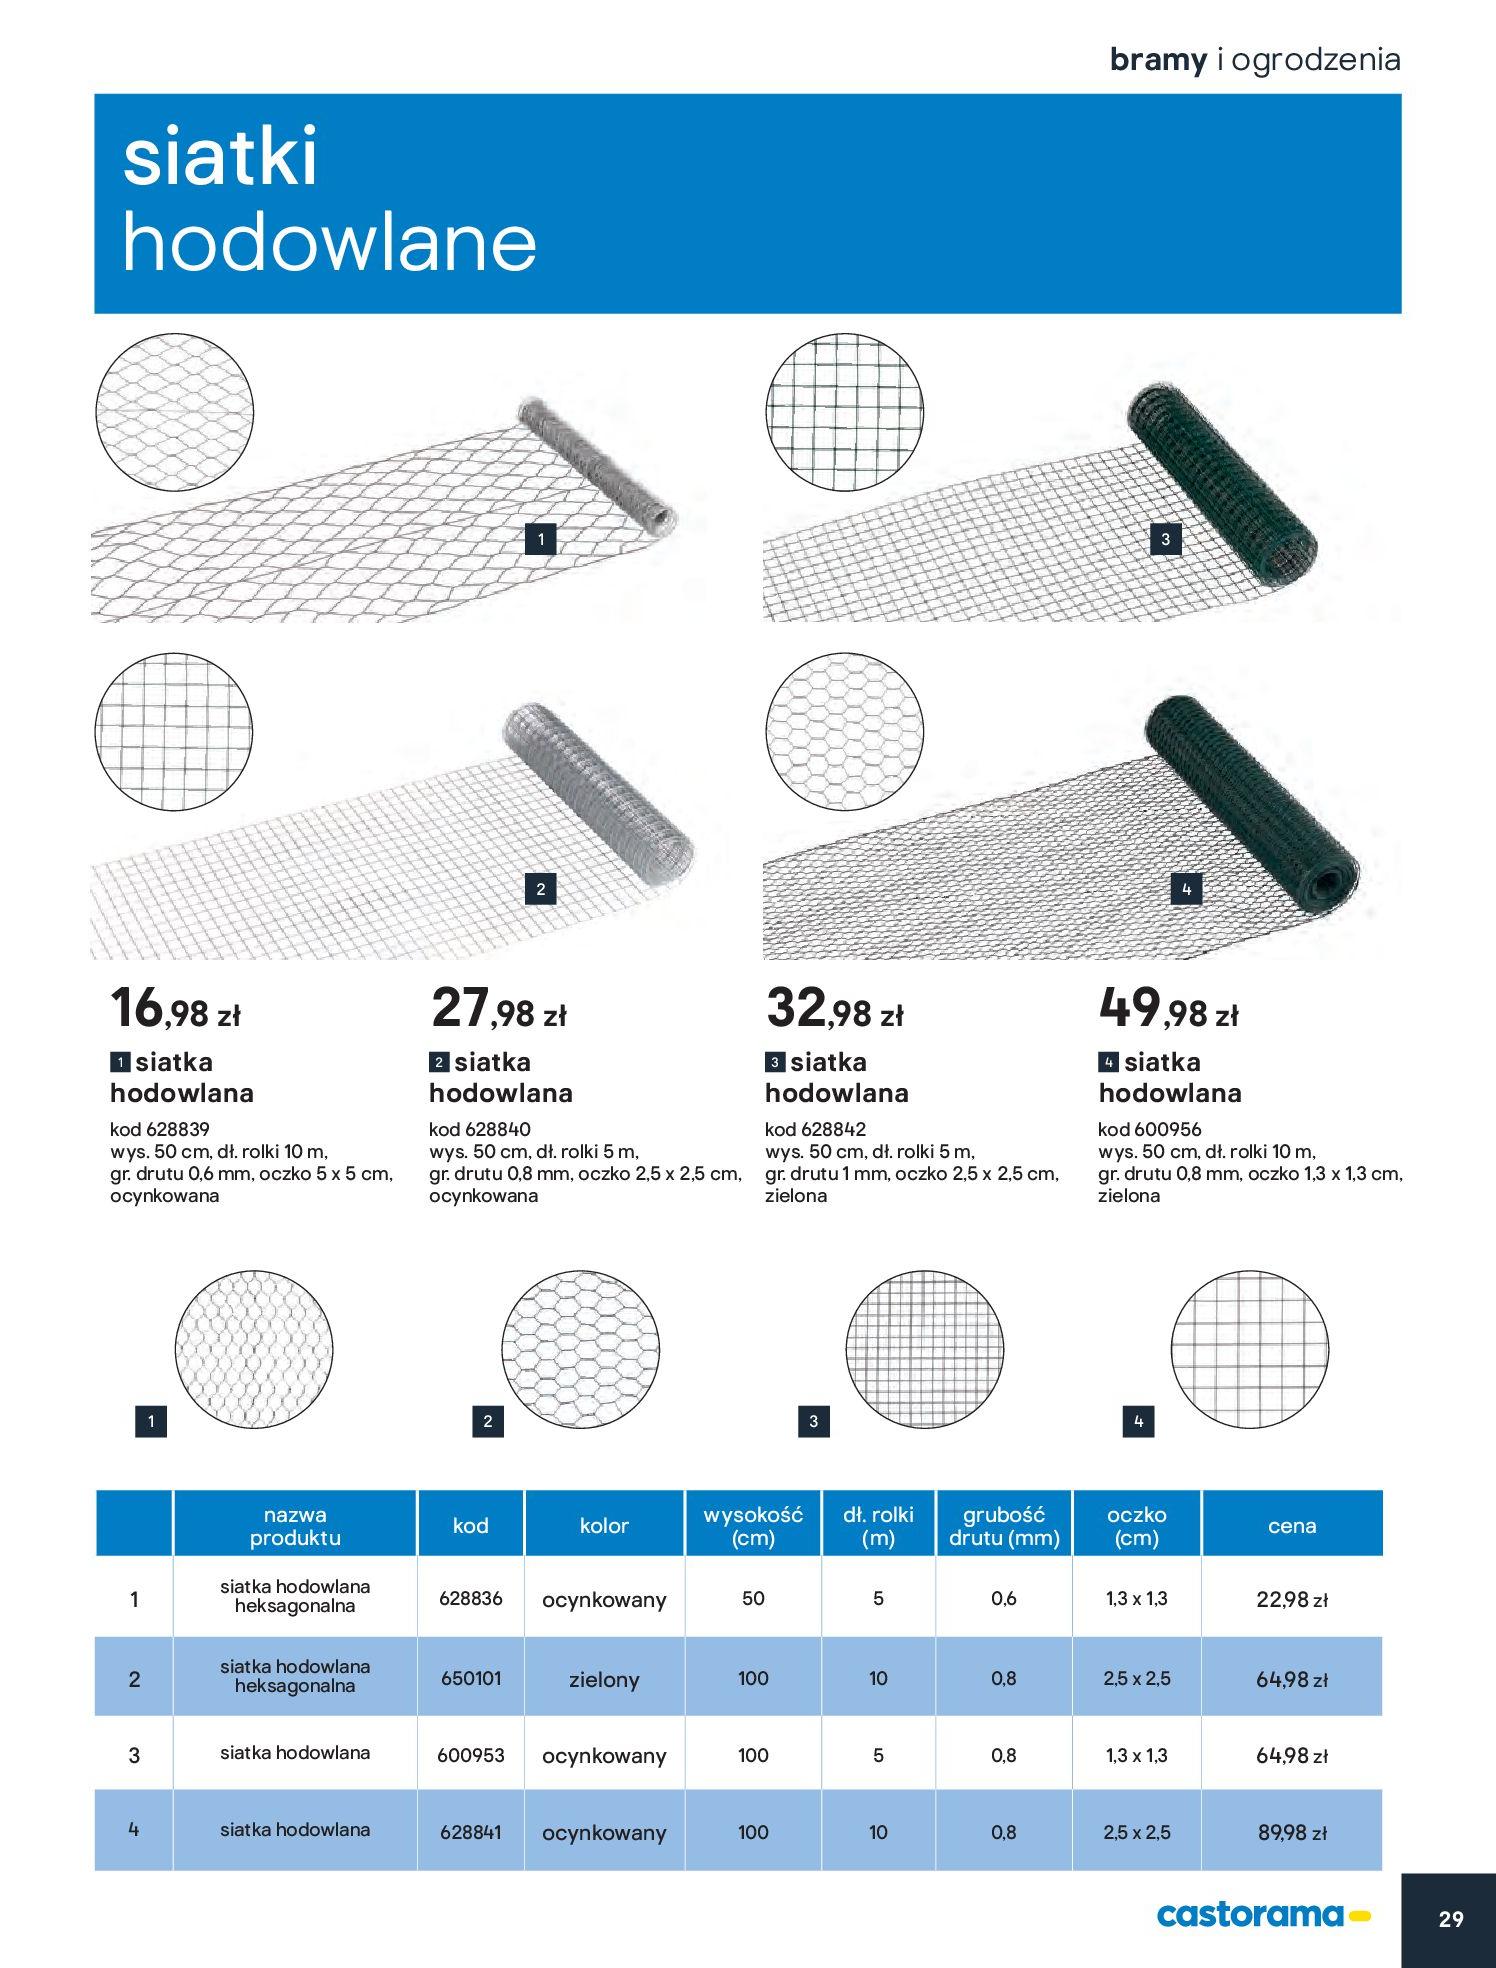 Gazetka Castorama - Przewodnik bramy i ogrodzenia-12.02.2020-30.06.2020-page-29